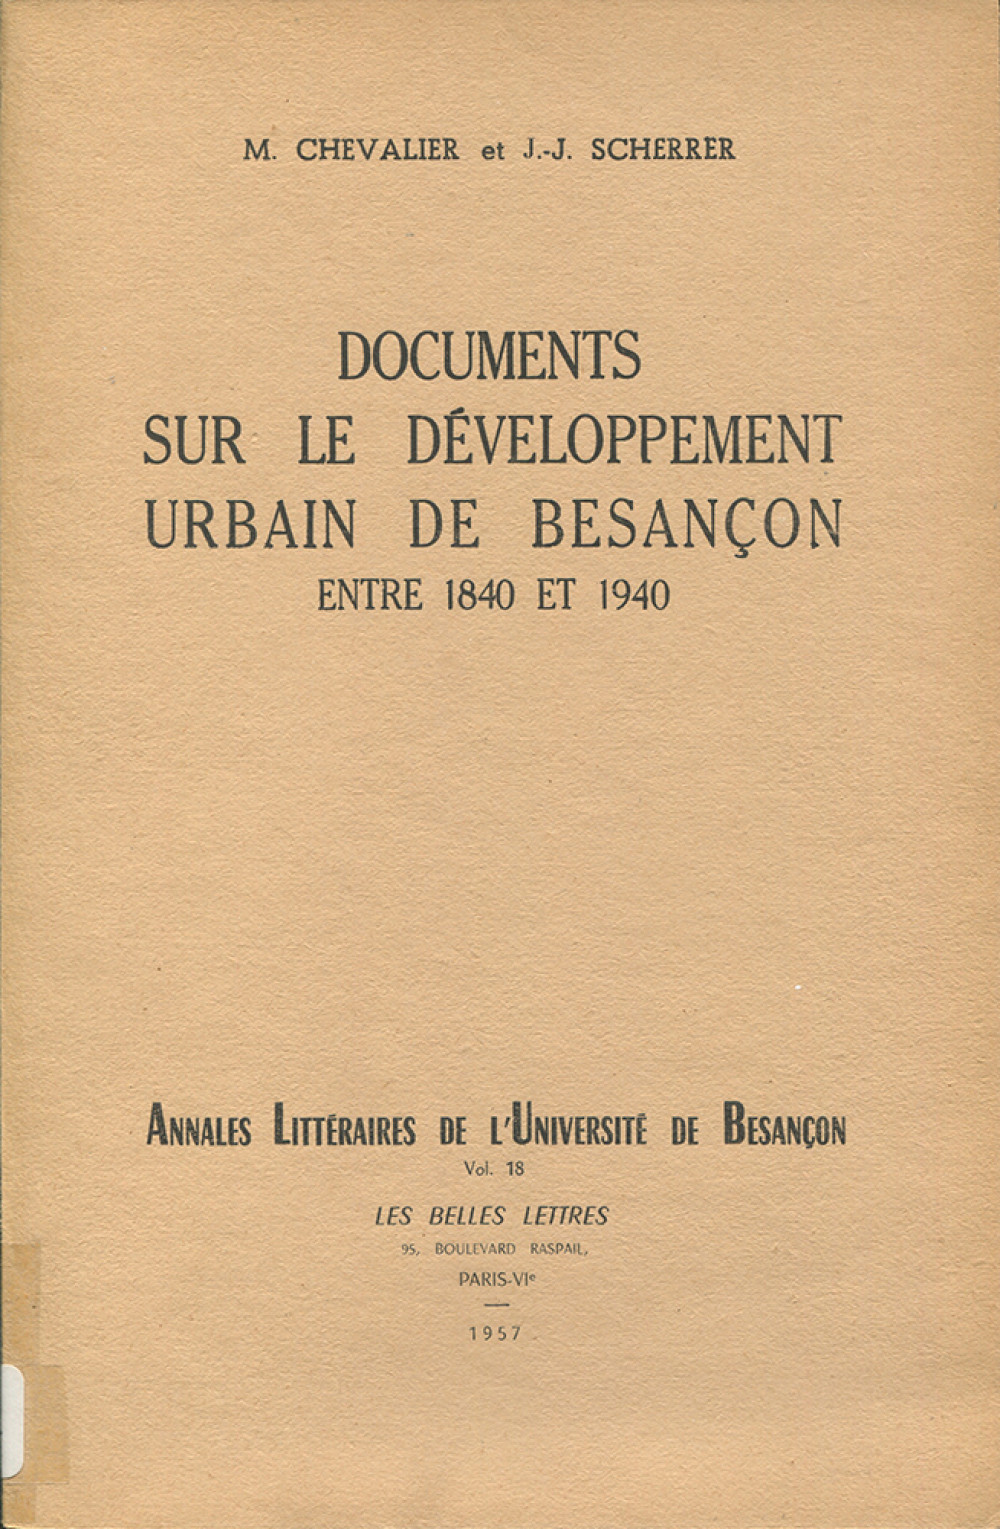 Documents sur le développement urbain de Besançon entre 1840 et 1940